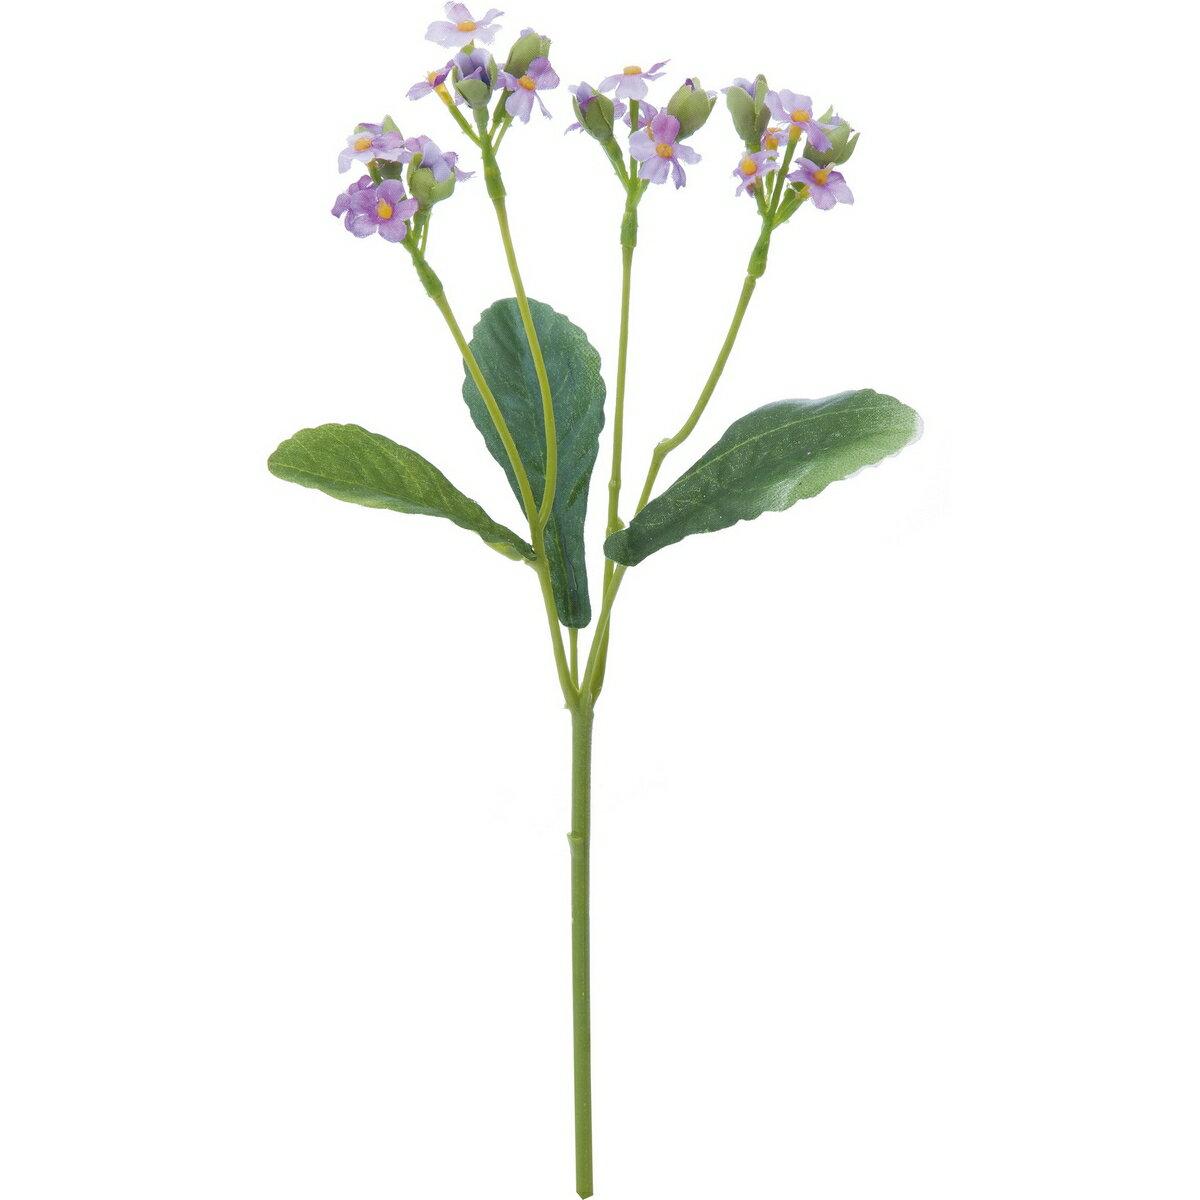 【造花】YDM/ワスレナグサ ラベンダー/FFH-0015-LAV【01】【01】【取寄】《 造花(アーティフィシャルフラワー) 造花 花材「わ行」 忘れな草 》